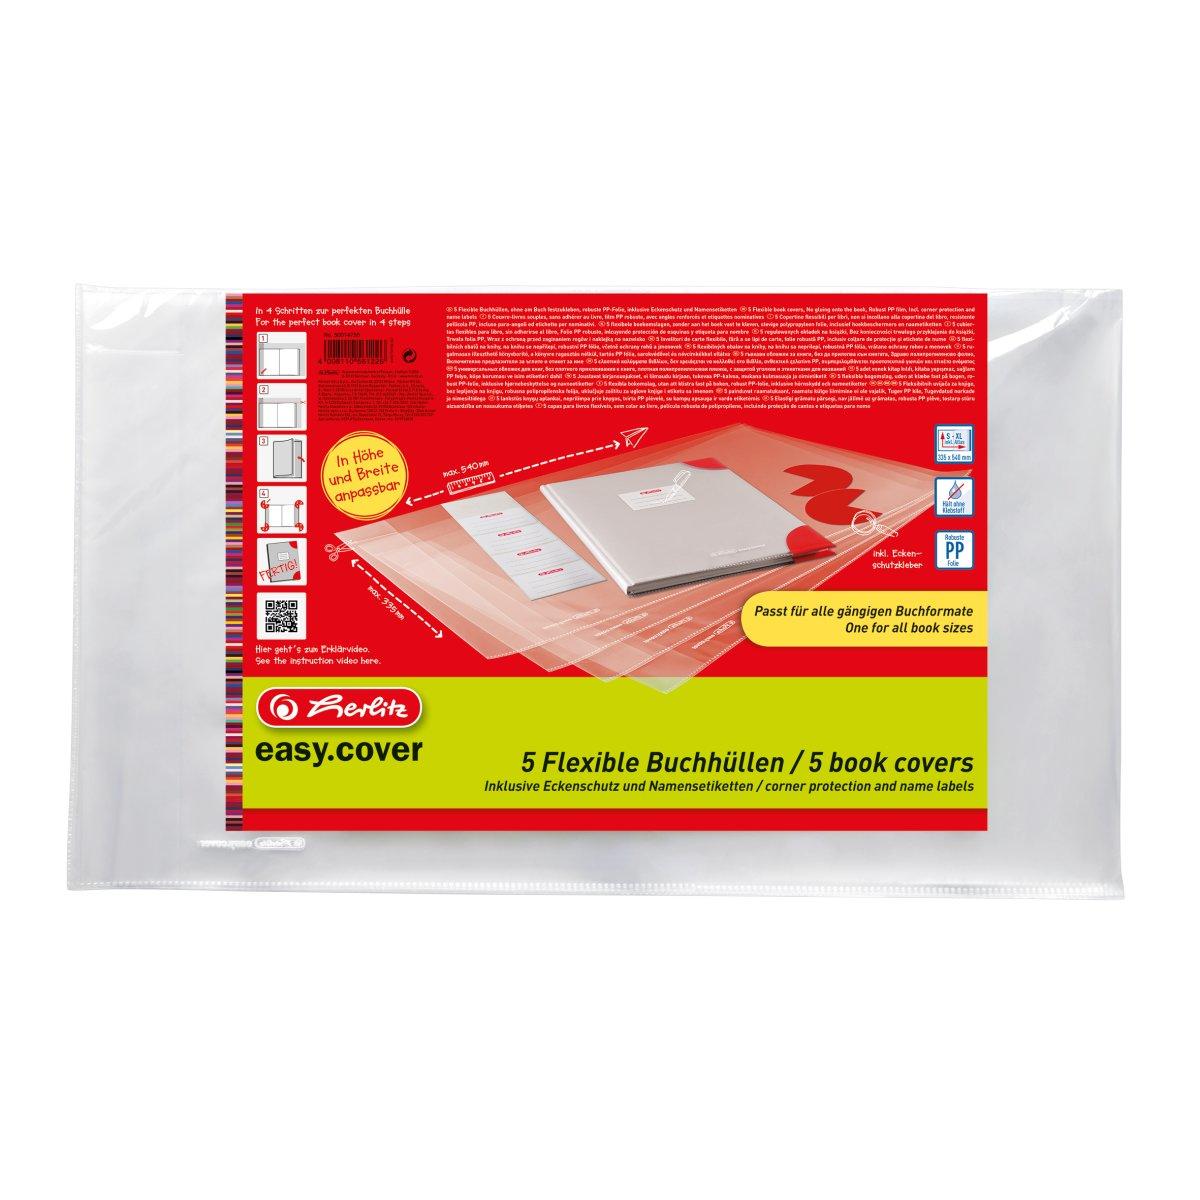 Vorschau: Herlitz 50014750 - Transparent - Polypropylen (PP) - Junge/Mädchen - 340 mm - 584 mm - 5 Stück(e)